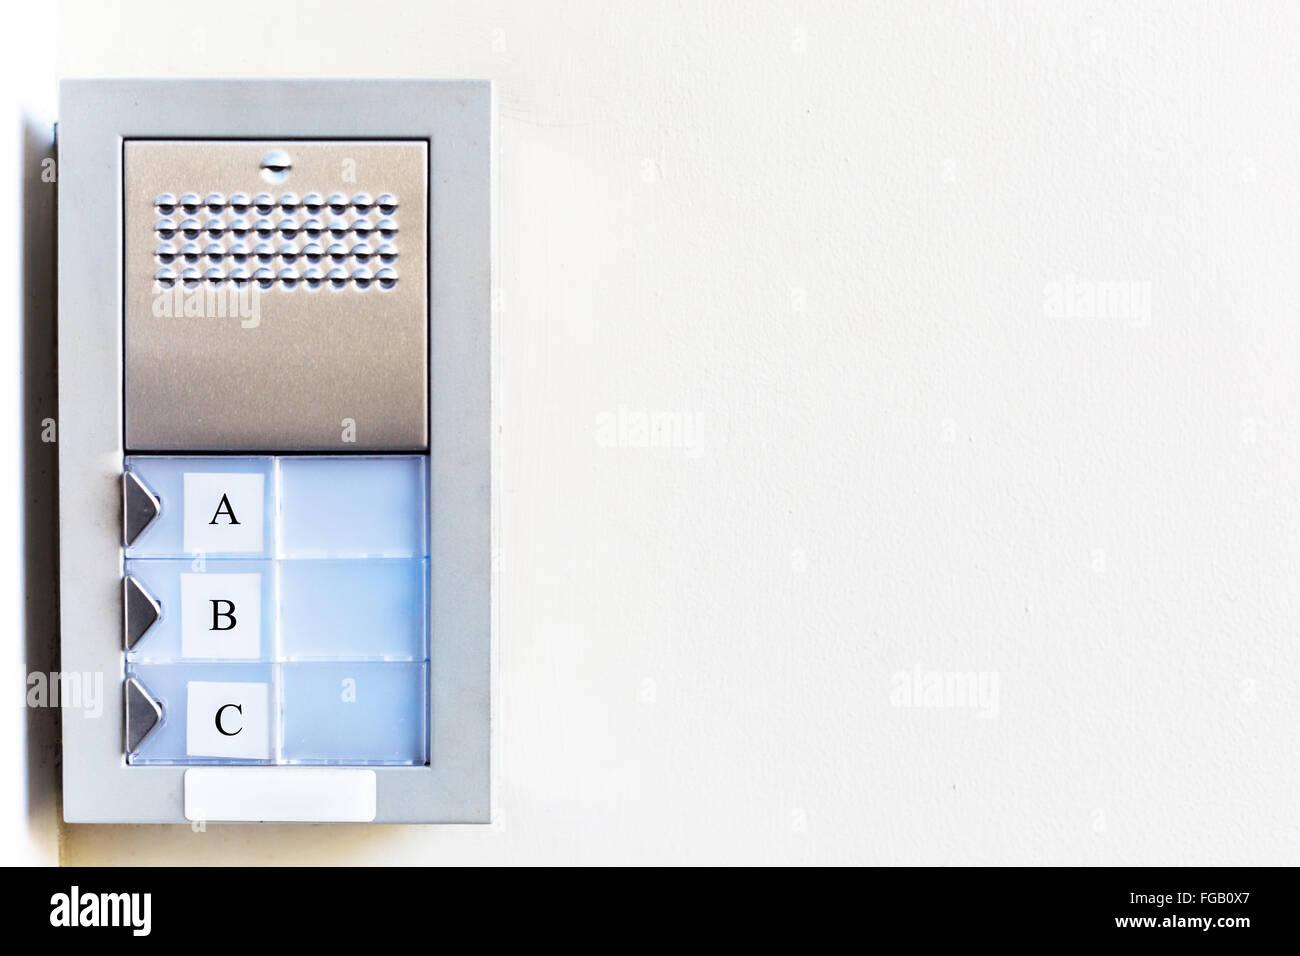 Silbertür Summer mit 3 Tasten beschriftet ABC auf Links, leeren weißen Wand rechts vom Bild. Stockbild